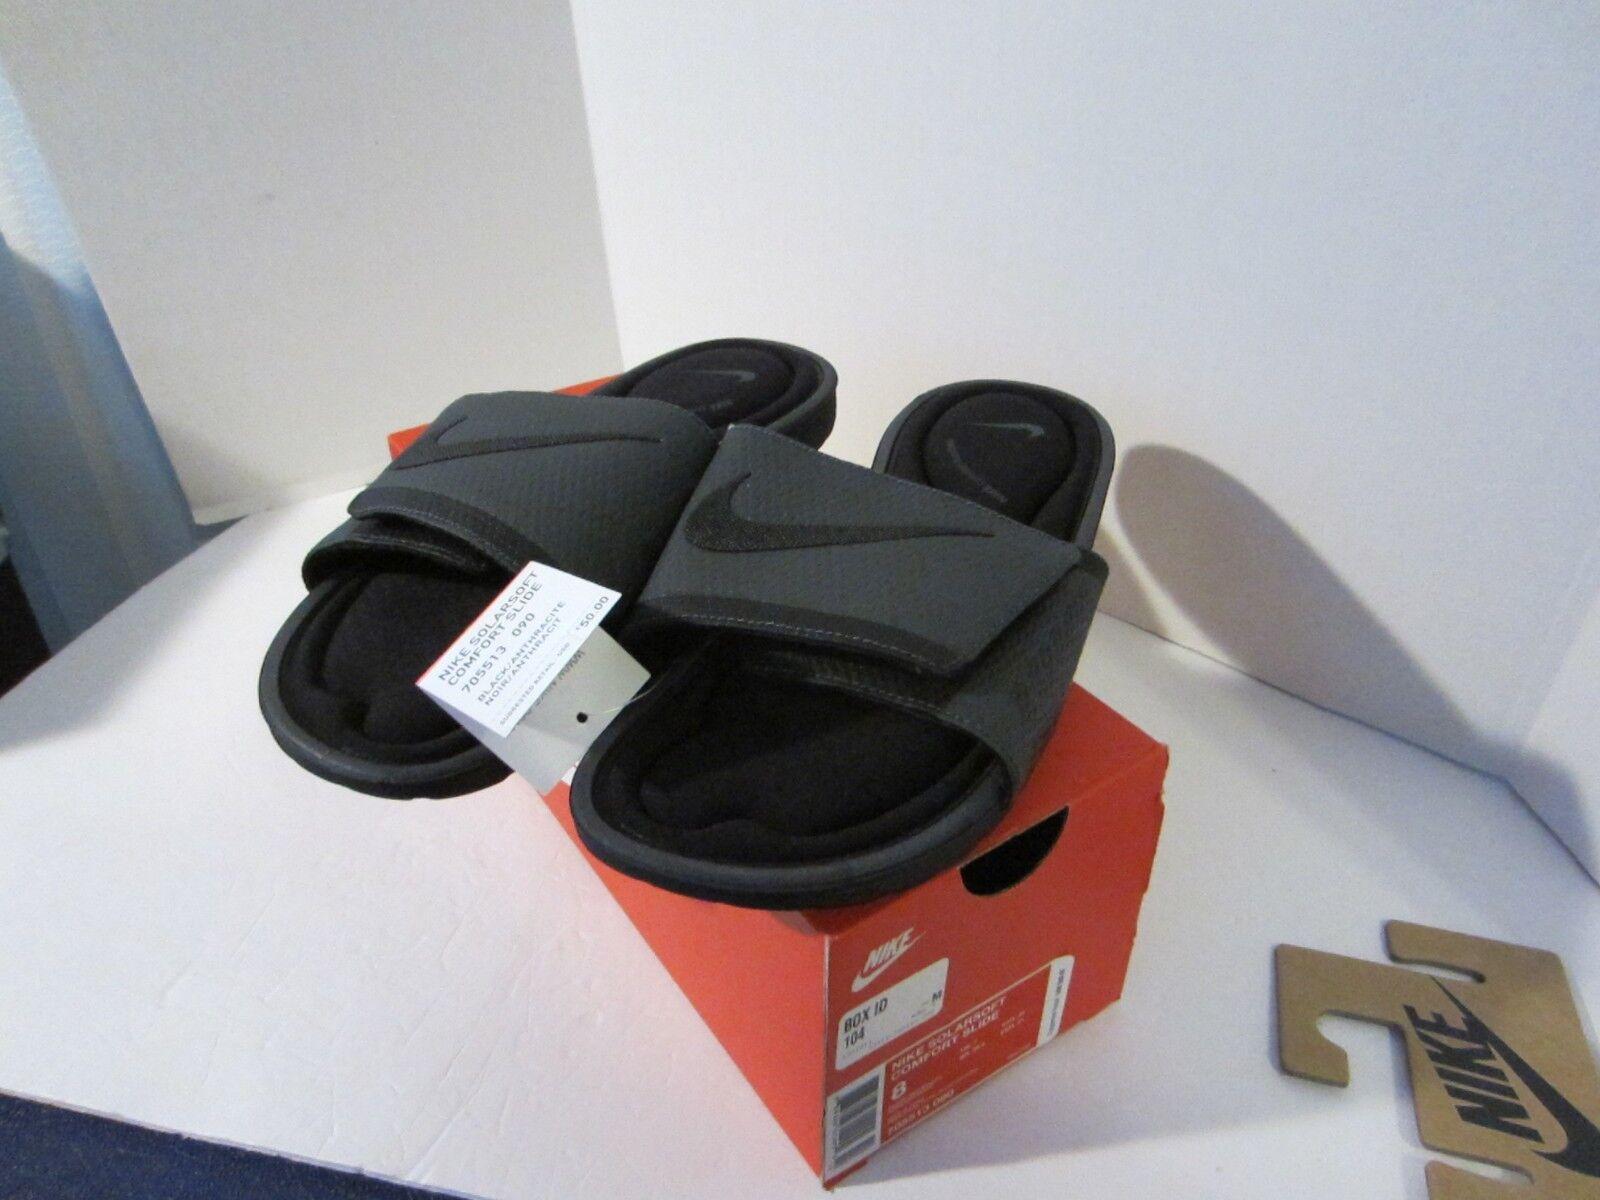 05ed6832a4b Mens Nike Solarsoft Comfort Slide 10 Black Flip Flop Sandal 705513 090 for  sale online